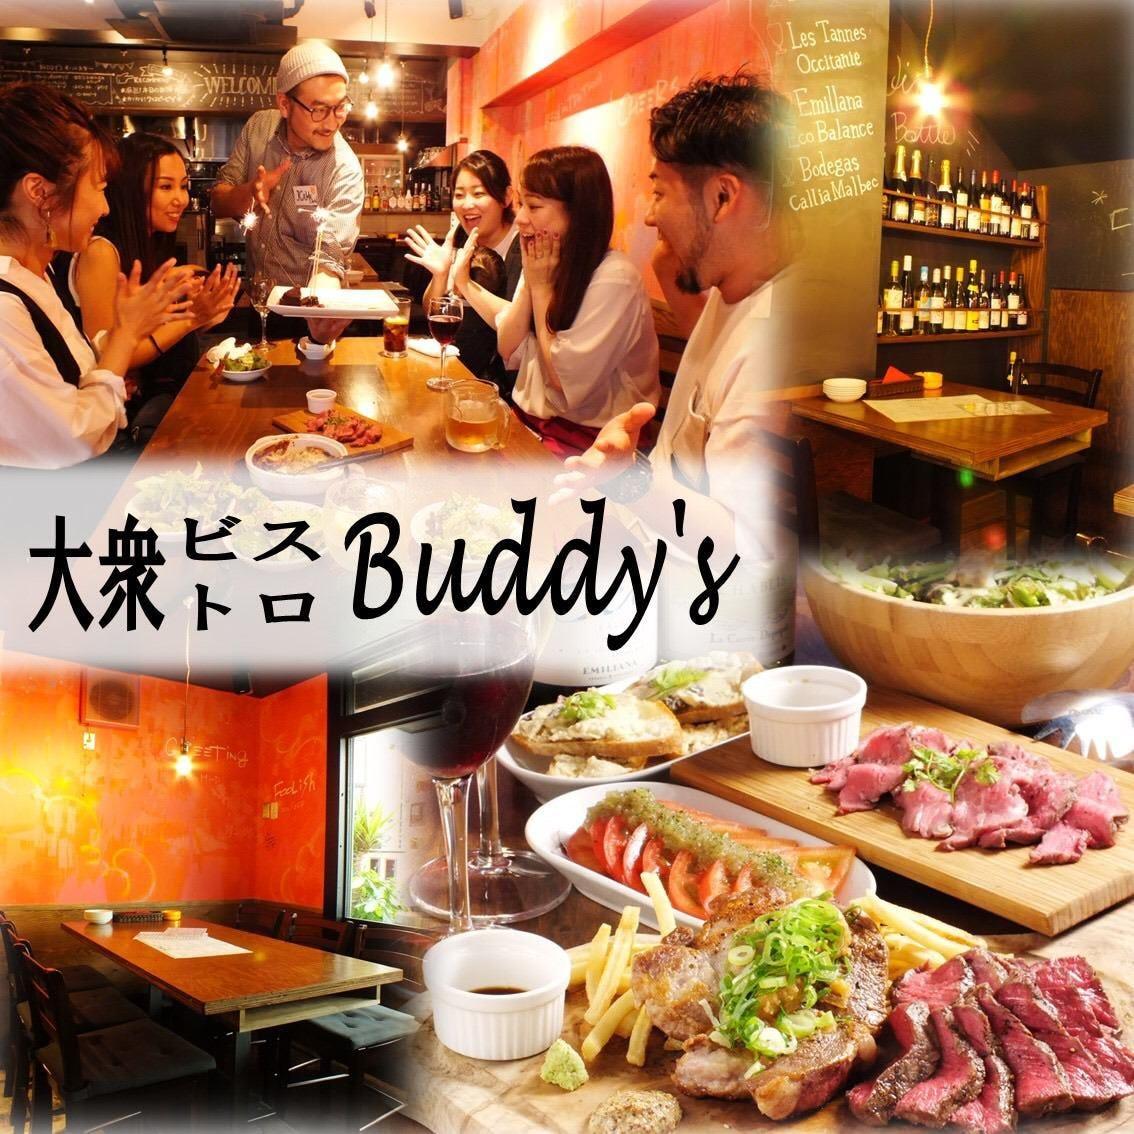 大衆ビストロ Buddy's